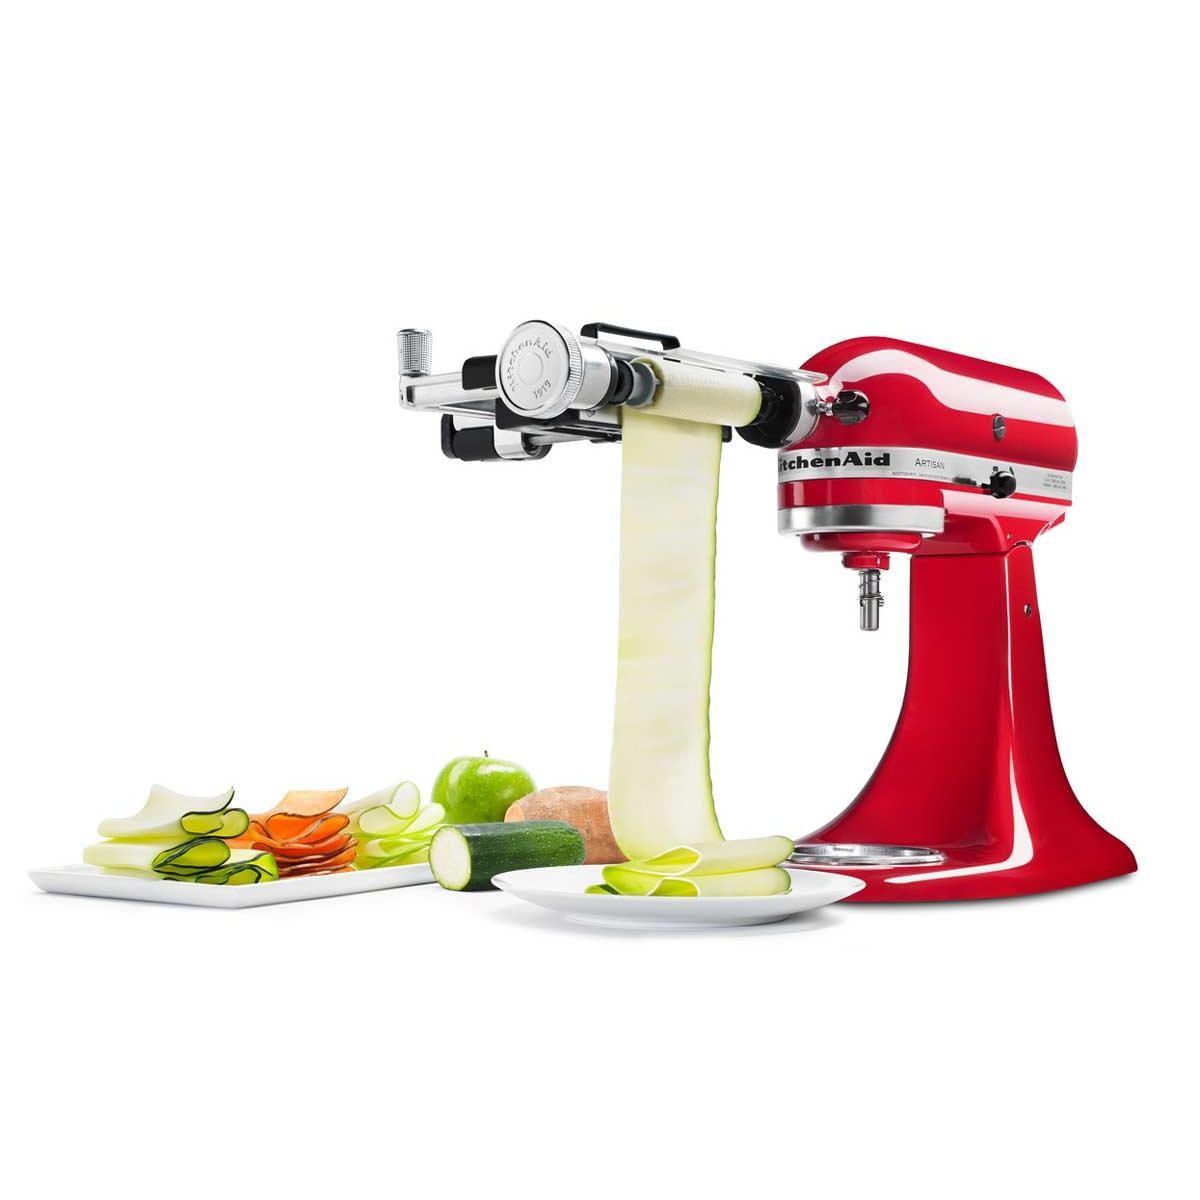 Der Gemüseblattschneider von KitchenAid zaubert aus Zucchini, Äpfeln ...